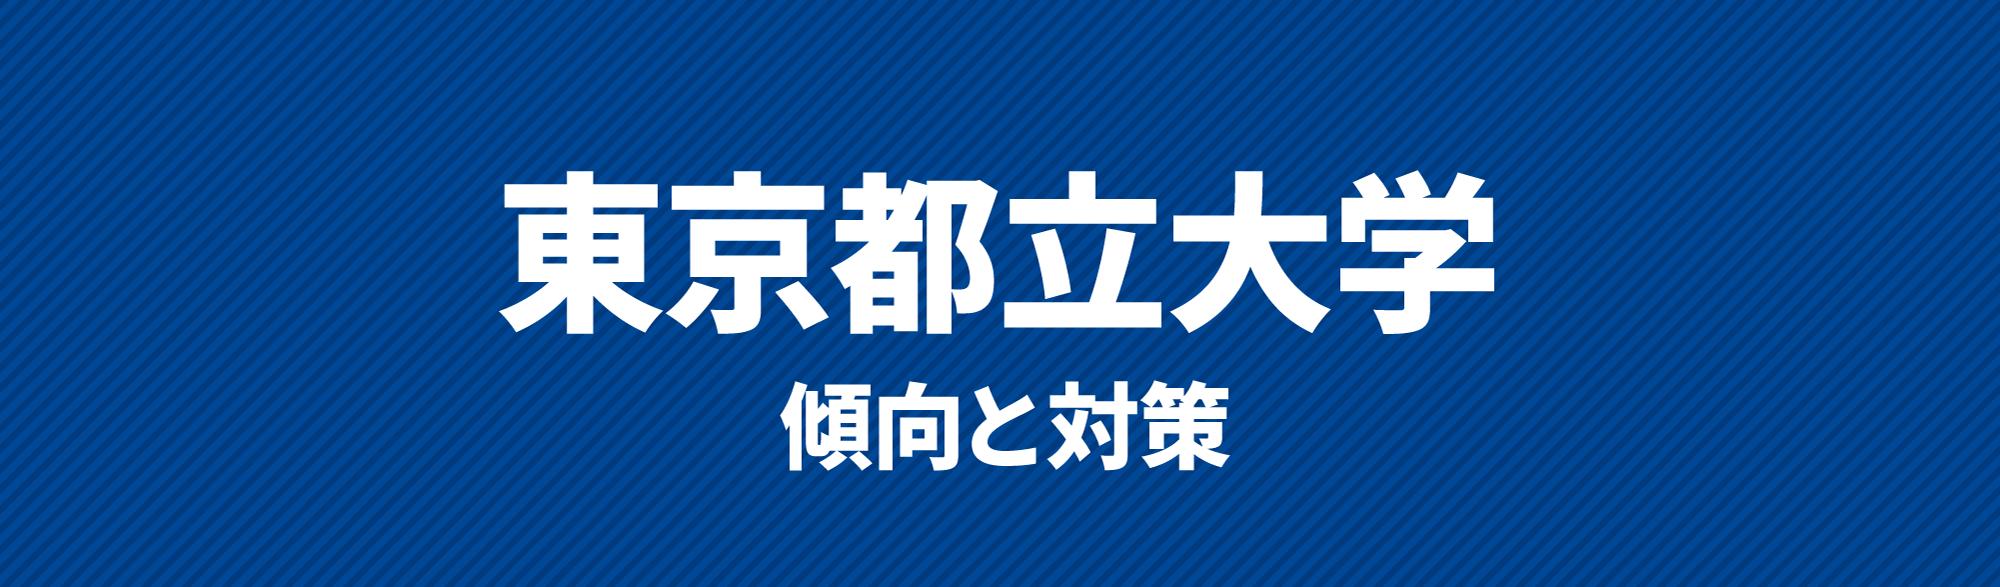 東京都立大学傾向と対策